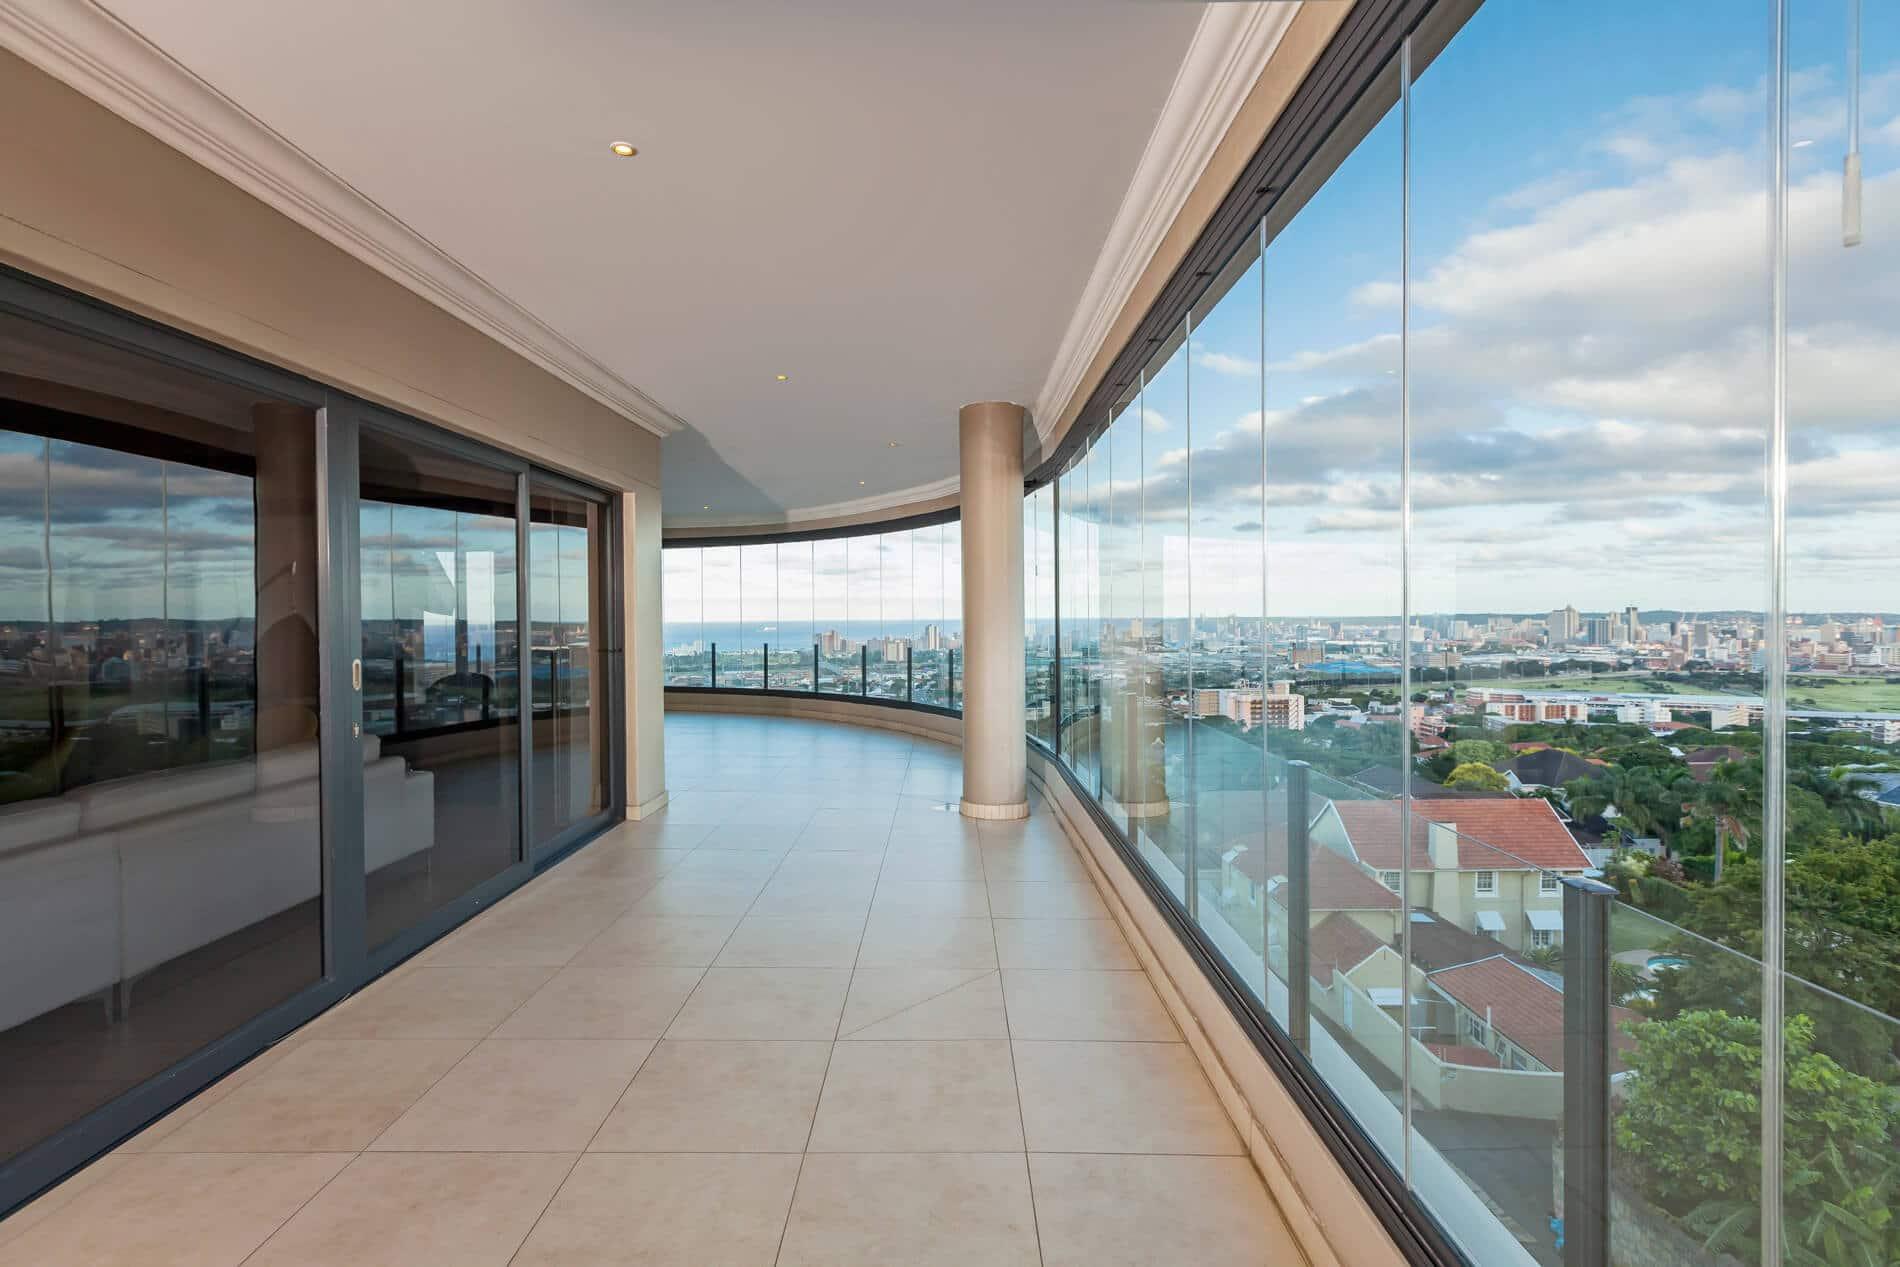 Schiebe-Dreh-System für großflächige Balkonverglasungen